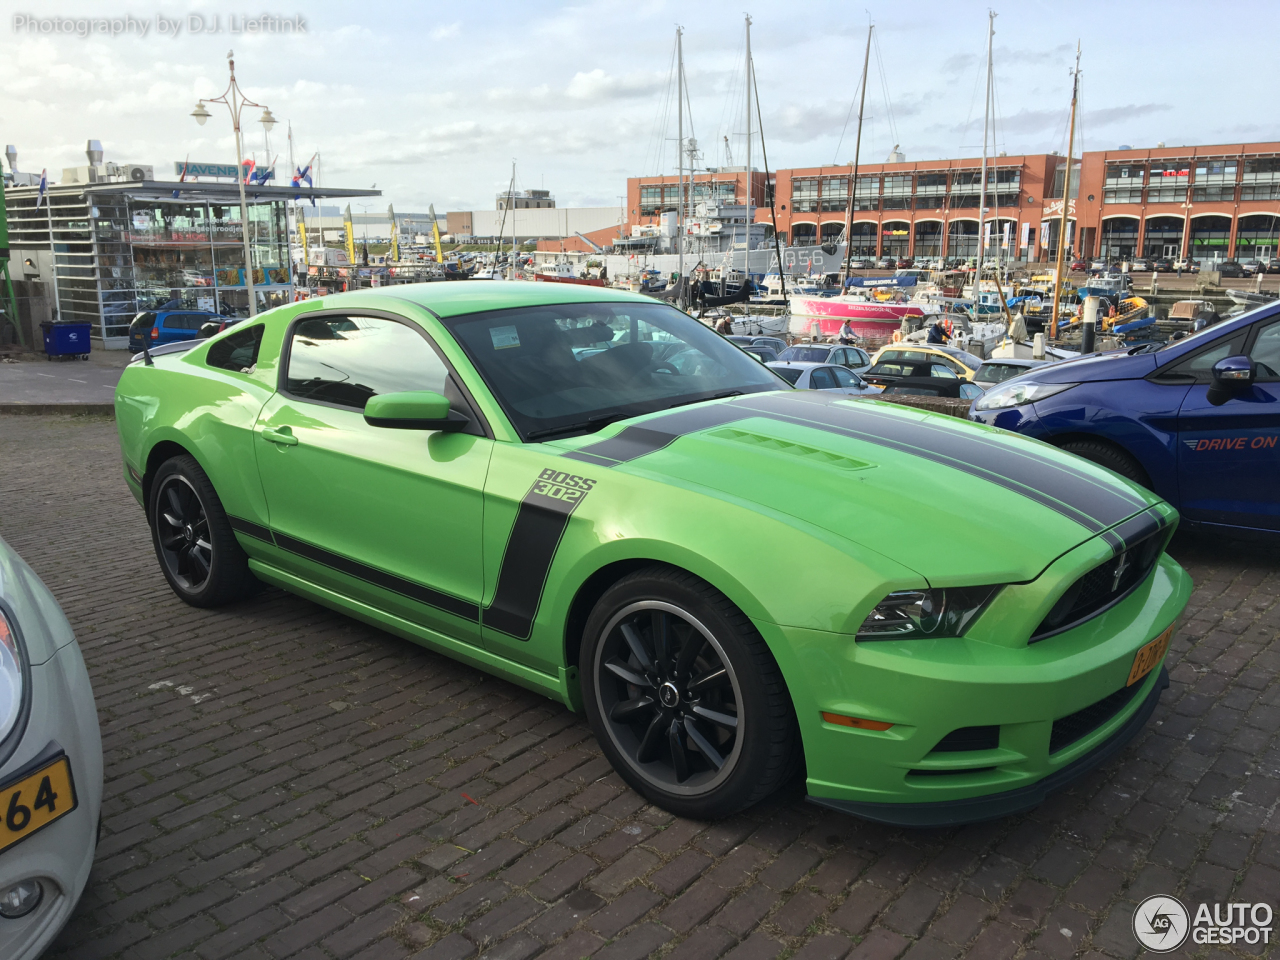 Ford Mustang Boss 302 2013 25 October 2015 Autogespot